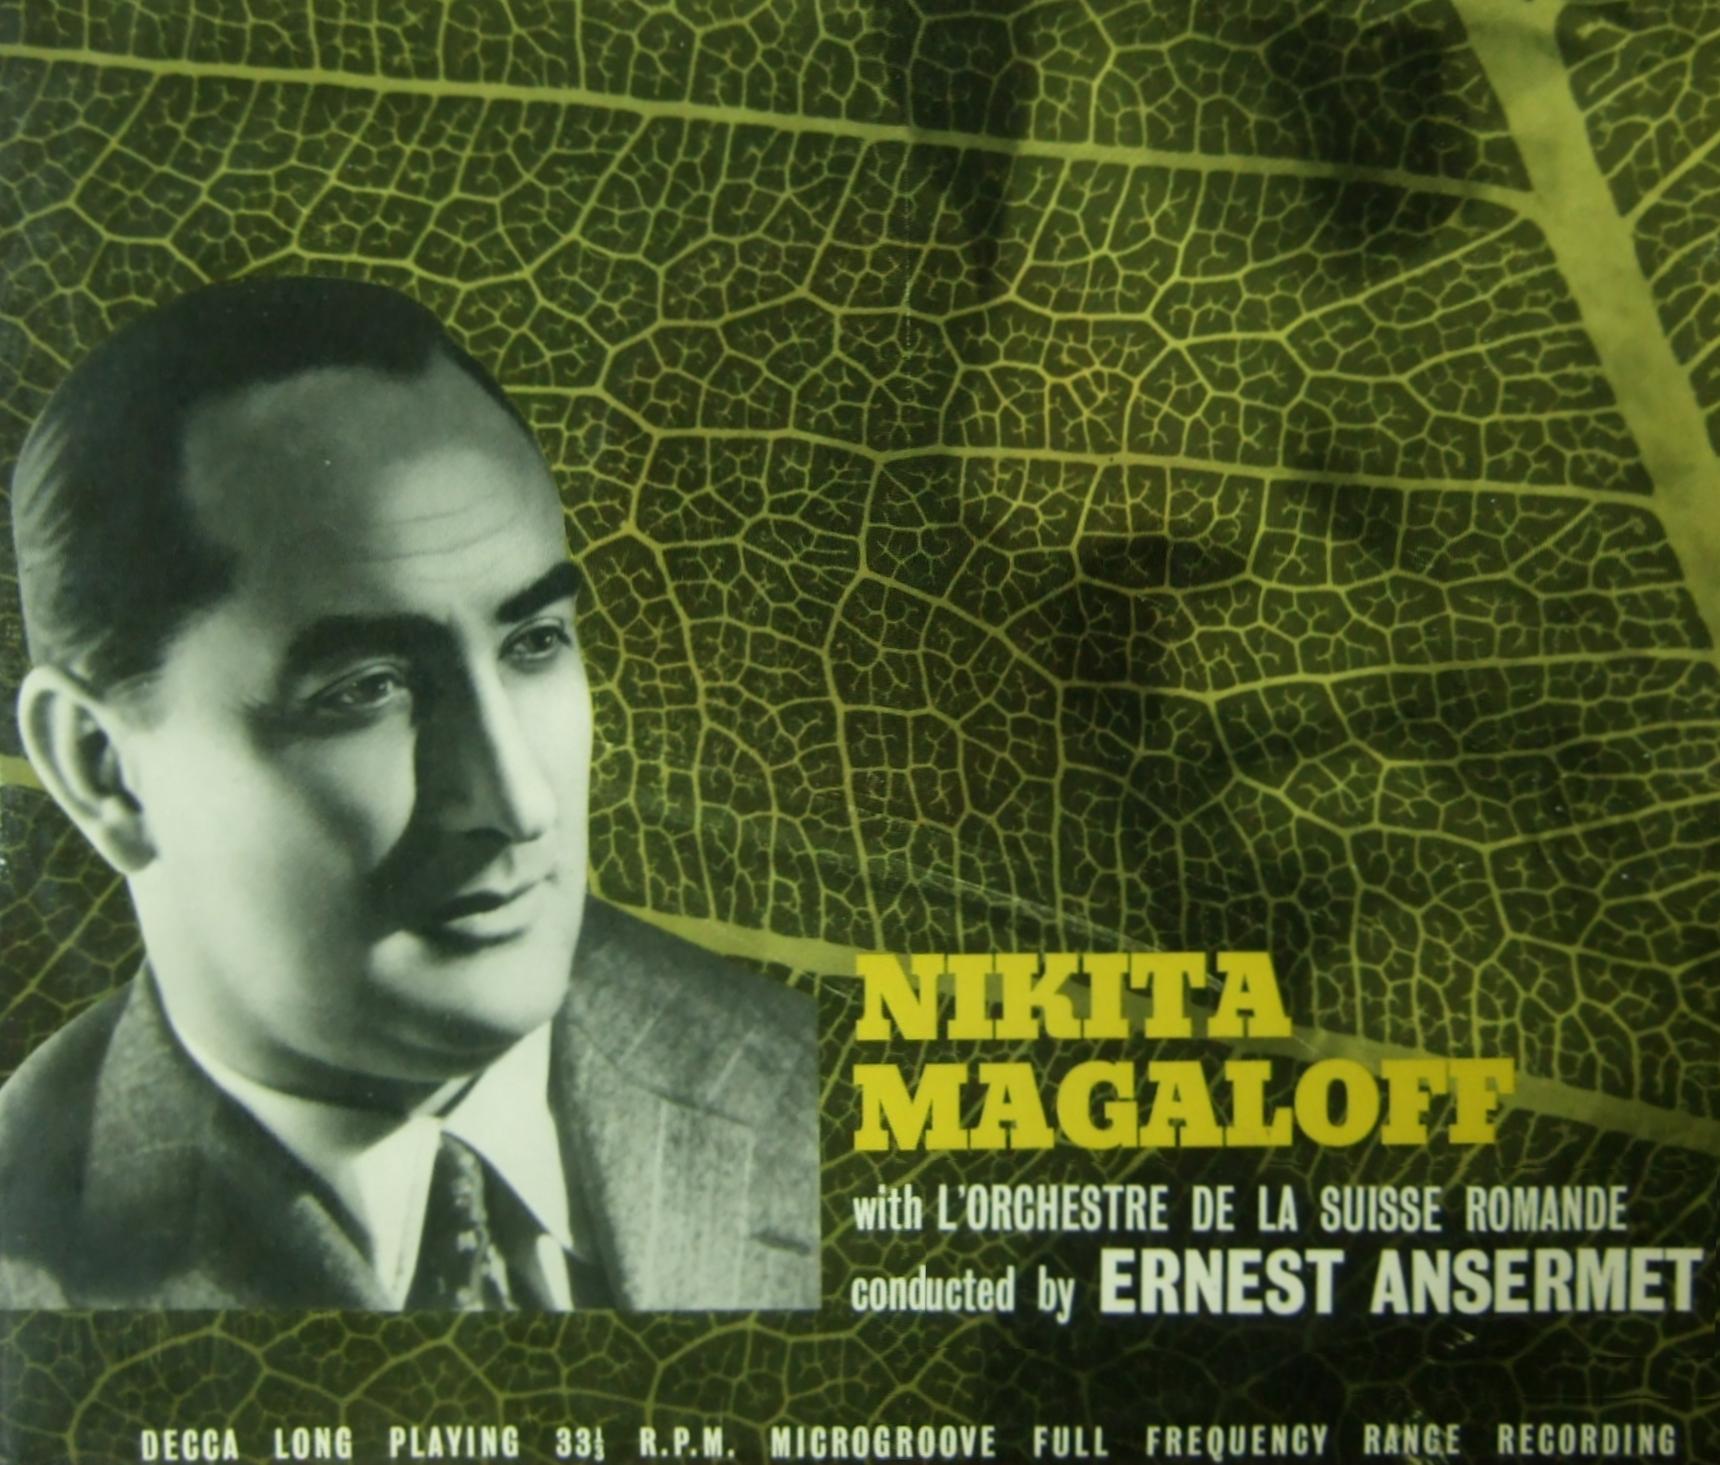 Nikita MAGALOFF, sa vie, ses enregistrements